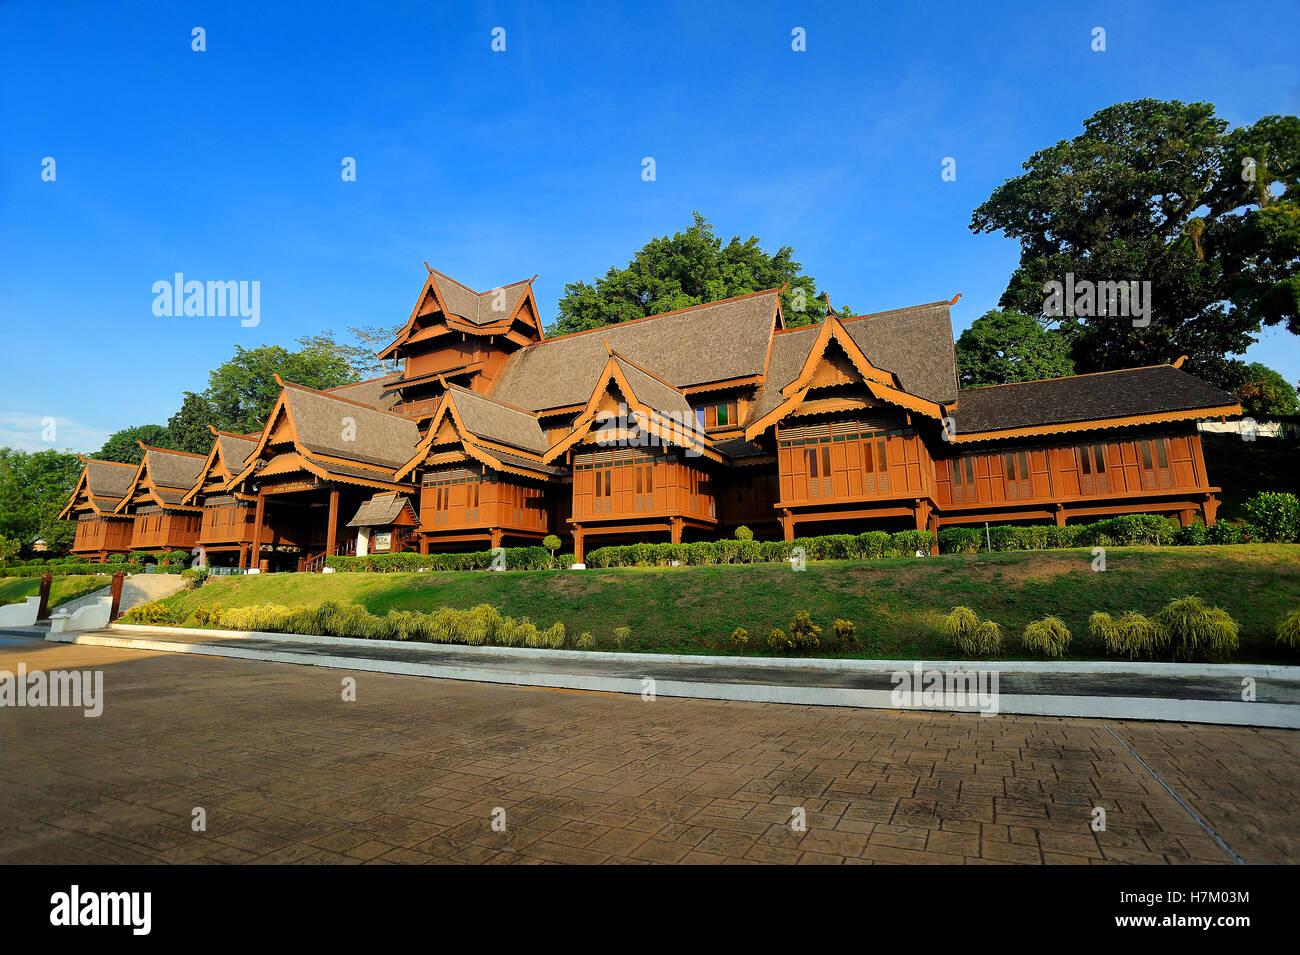 Malacca Sultanate Palace Museum, Malacca, Malaysia. - Stock Image